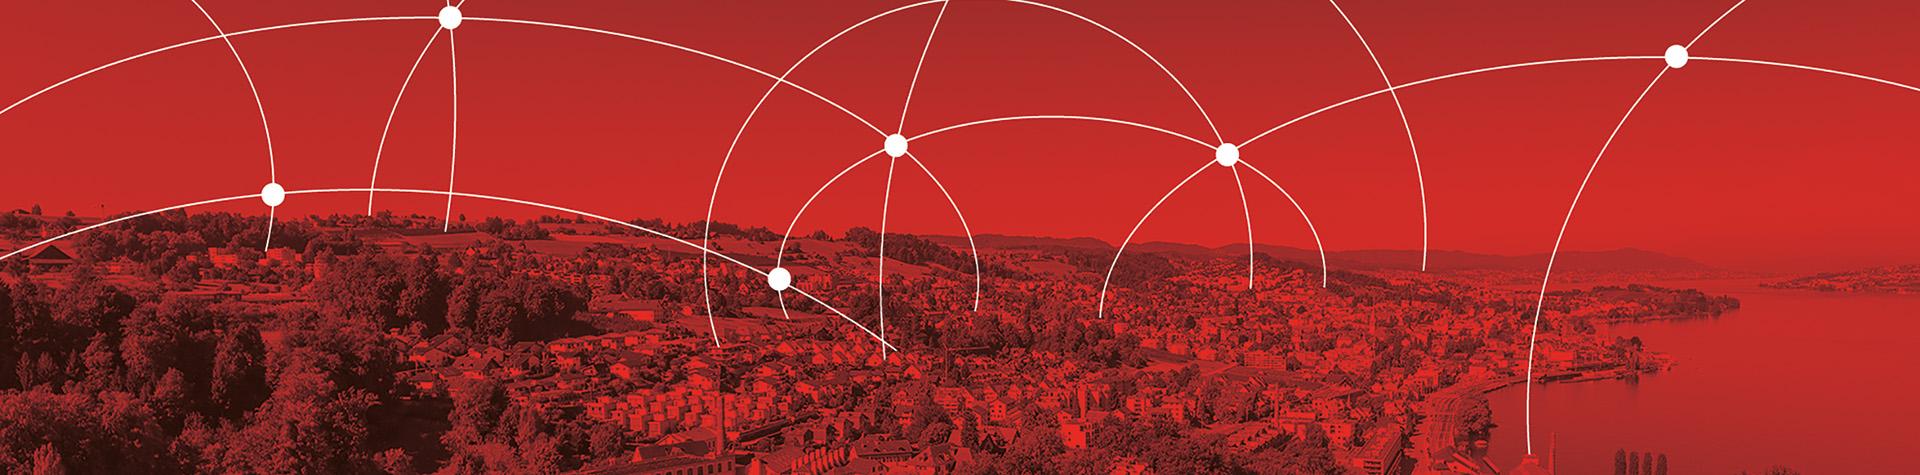 Luftaufnahme Wädenswil rot eingefärbt